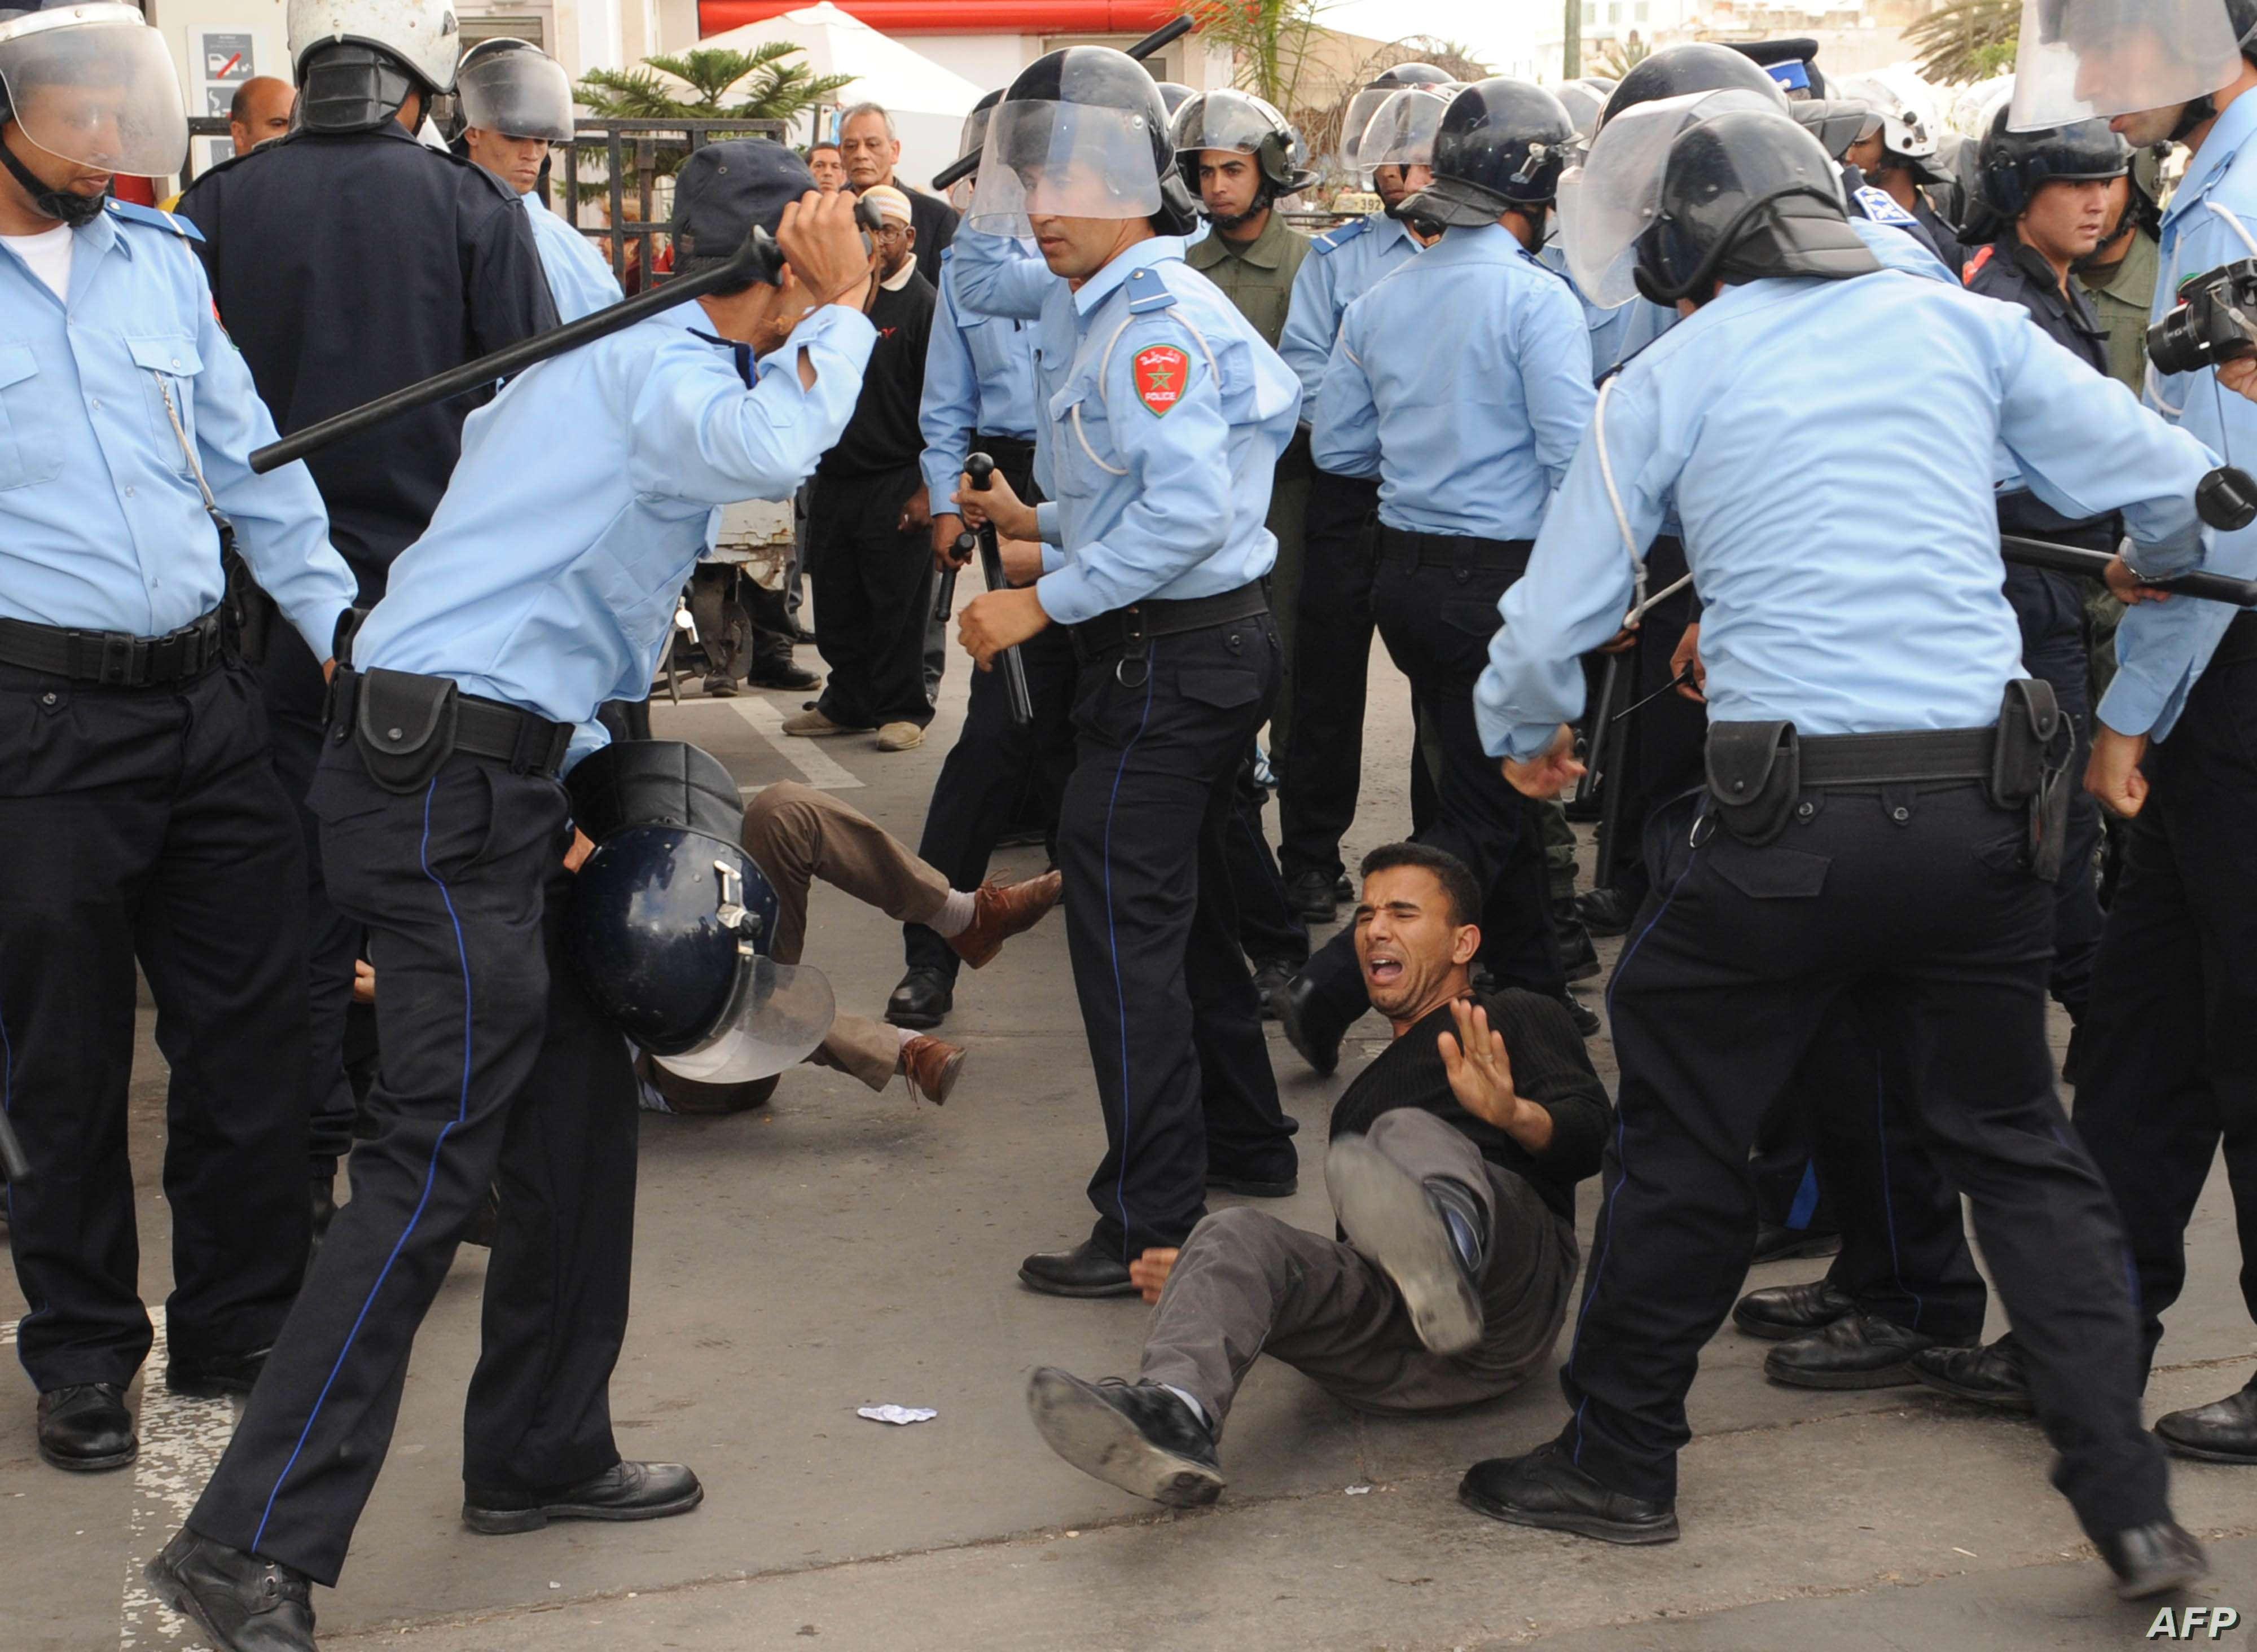 Un nouveau rapport... Répression des journalistes et des militants par les autorités marocaines